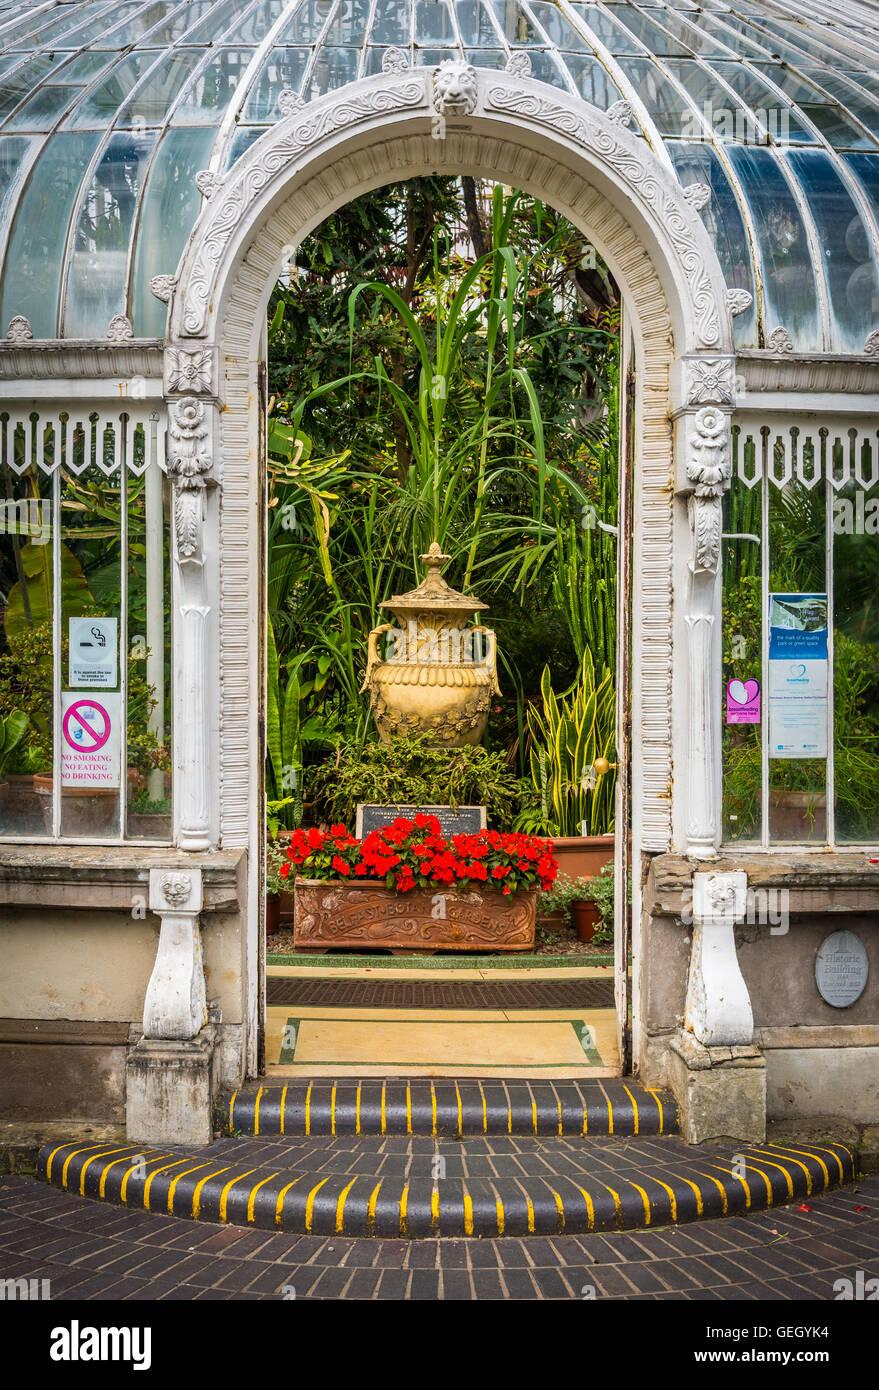 Haustür Eingang haustür eingang in das palmenhaus in belfast berühmten botanischen